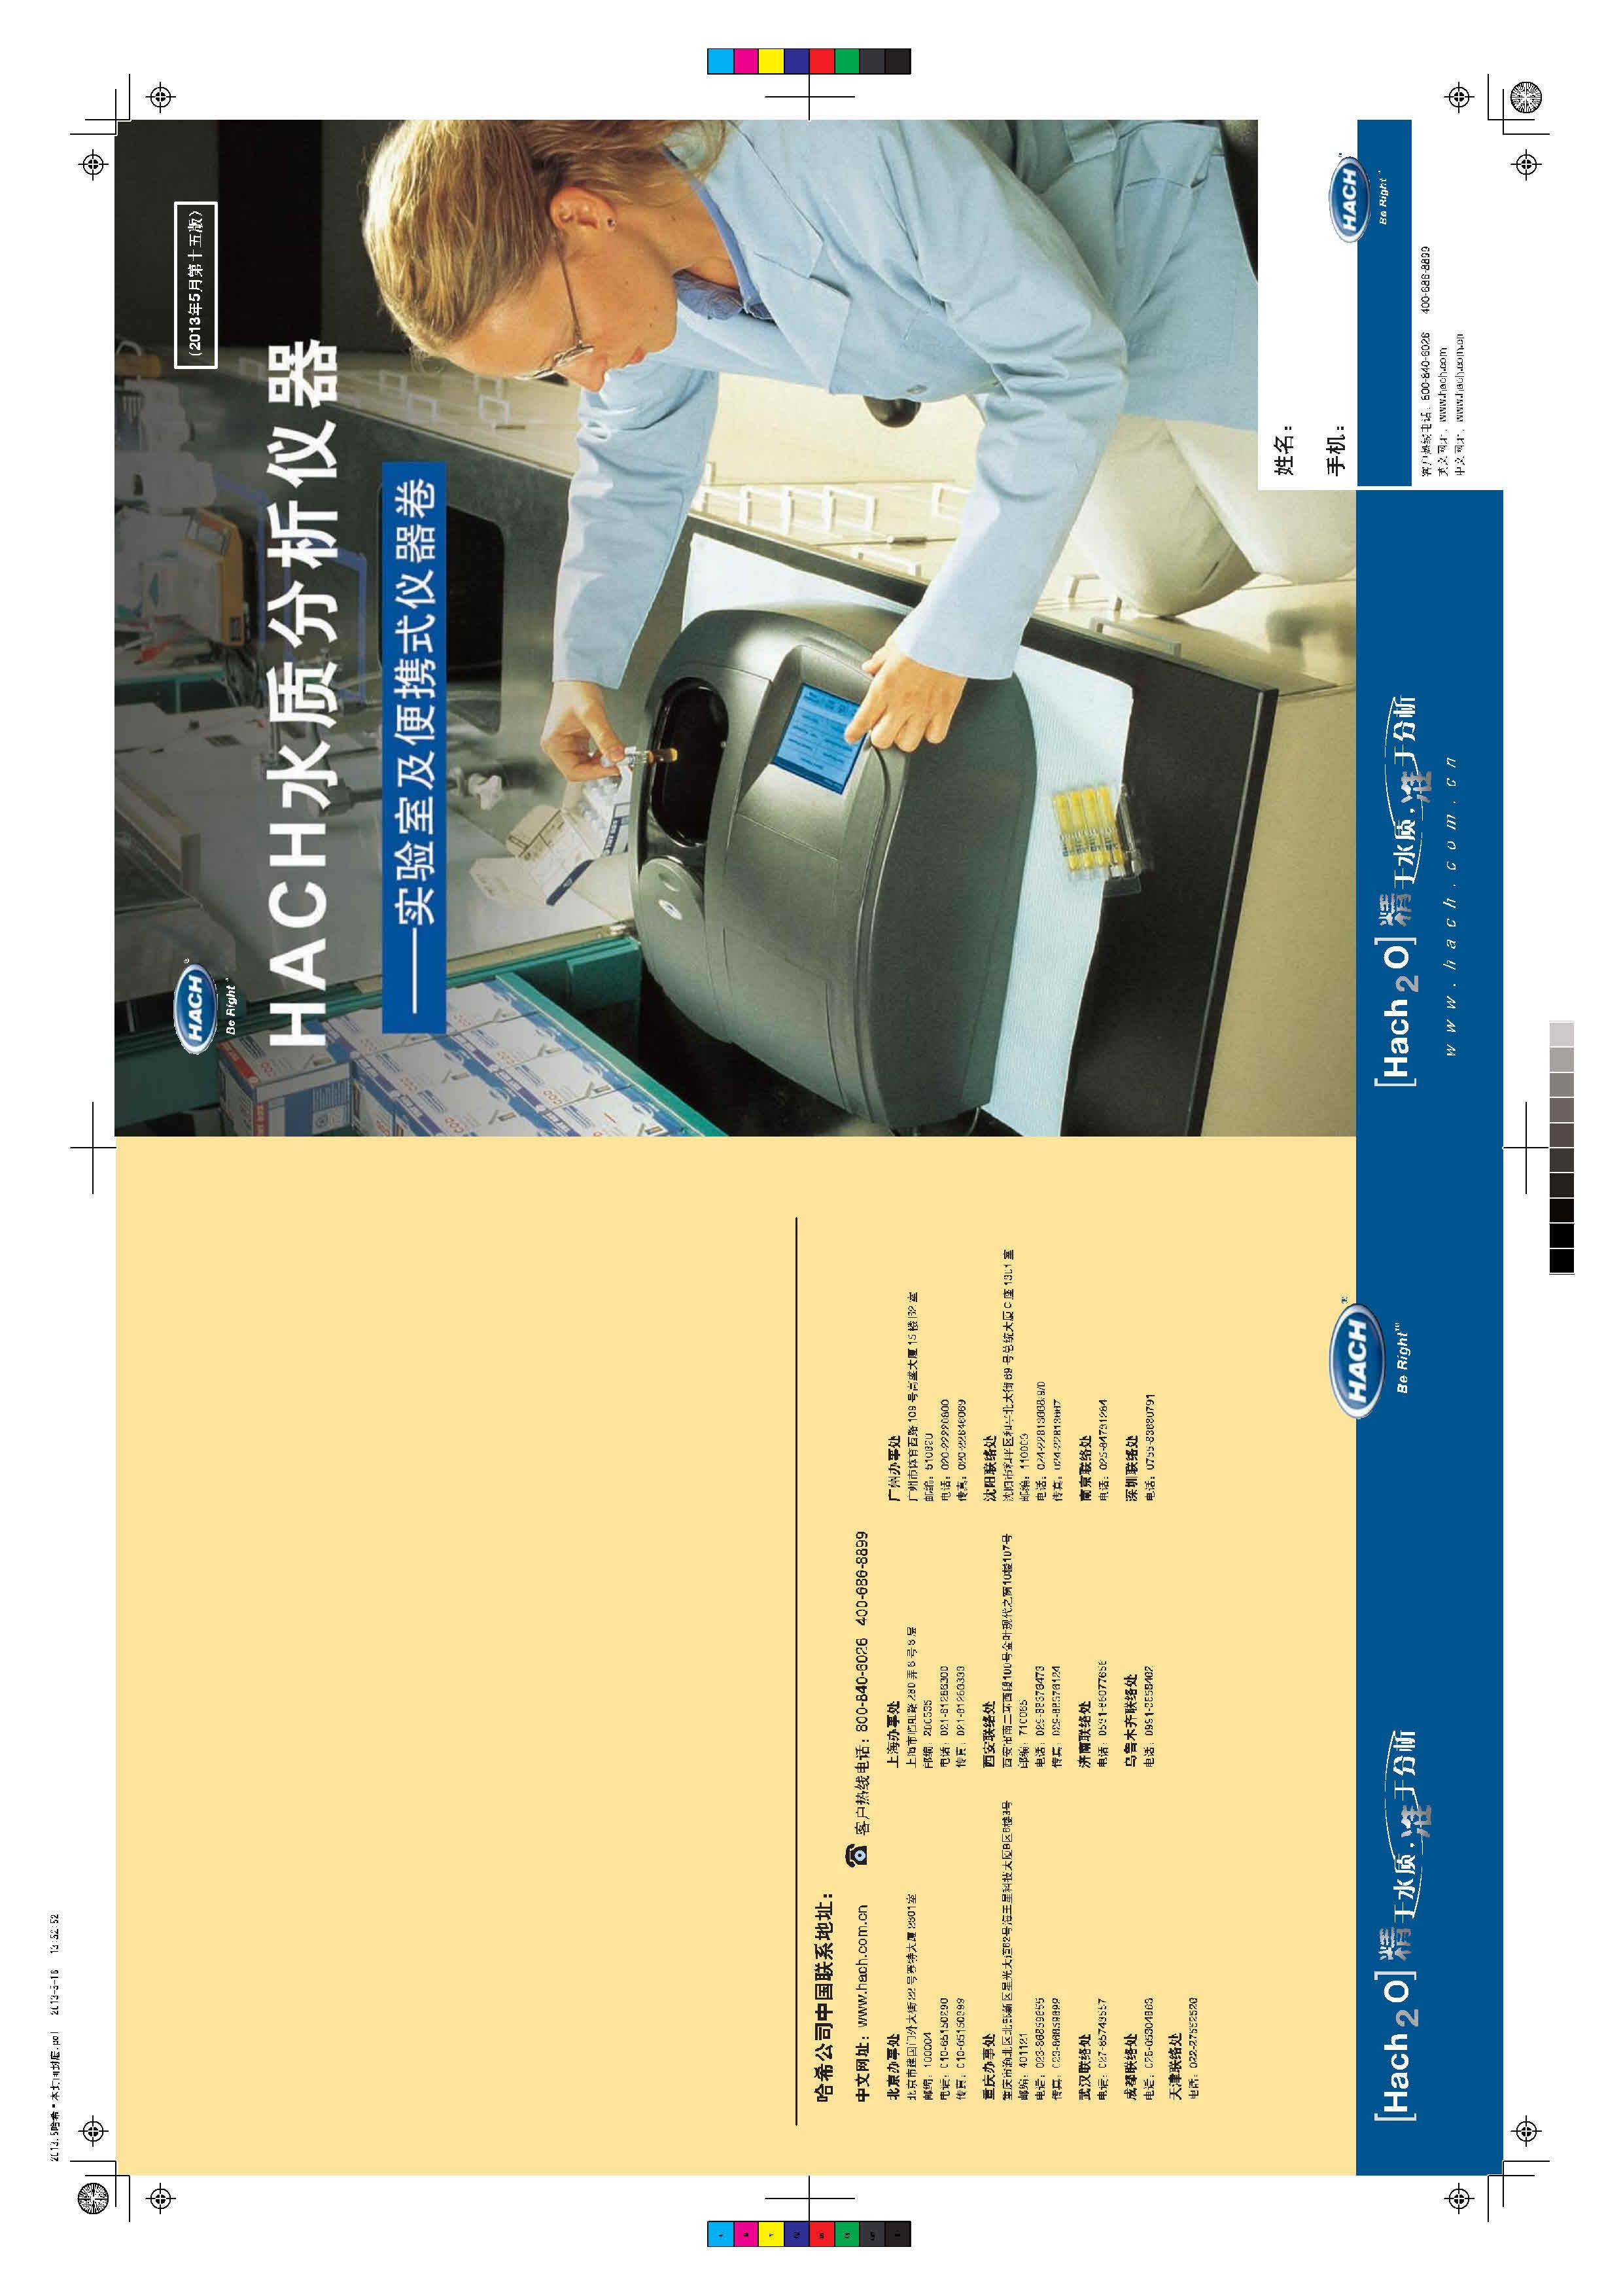 HACH哈希水质分析仪器 实验室及便携式仪器卷2013